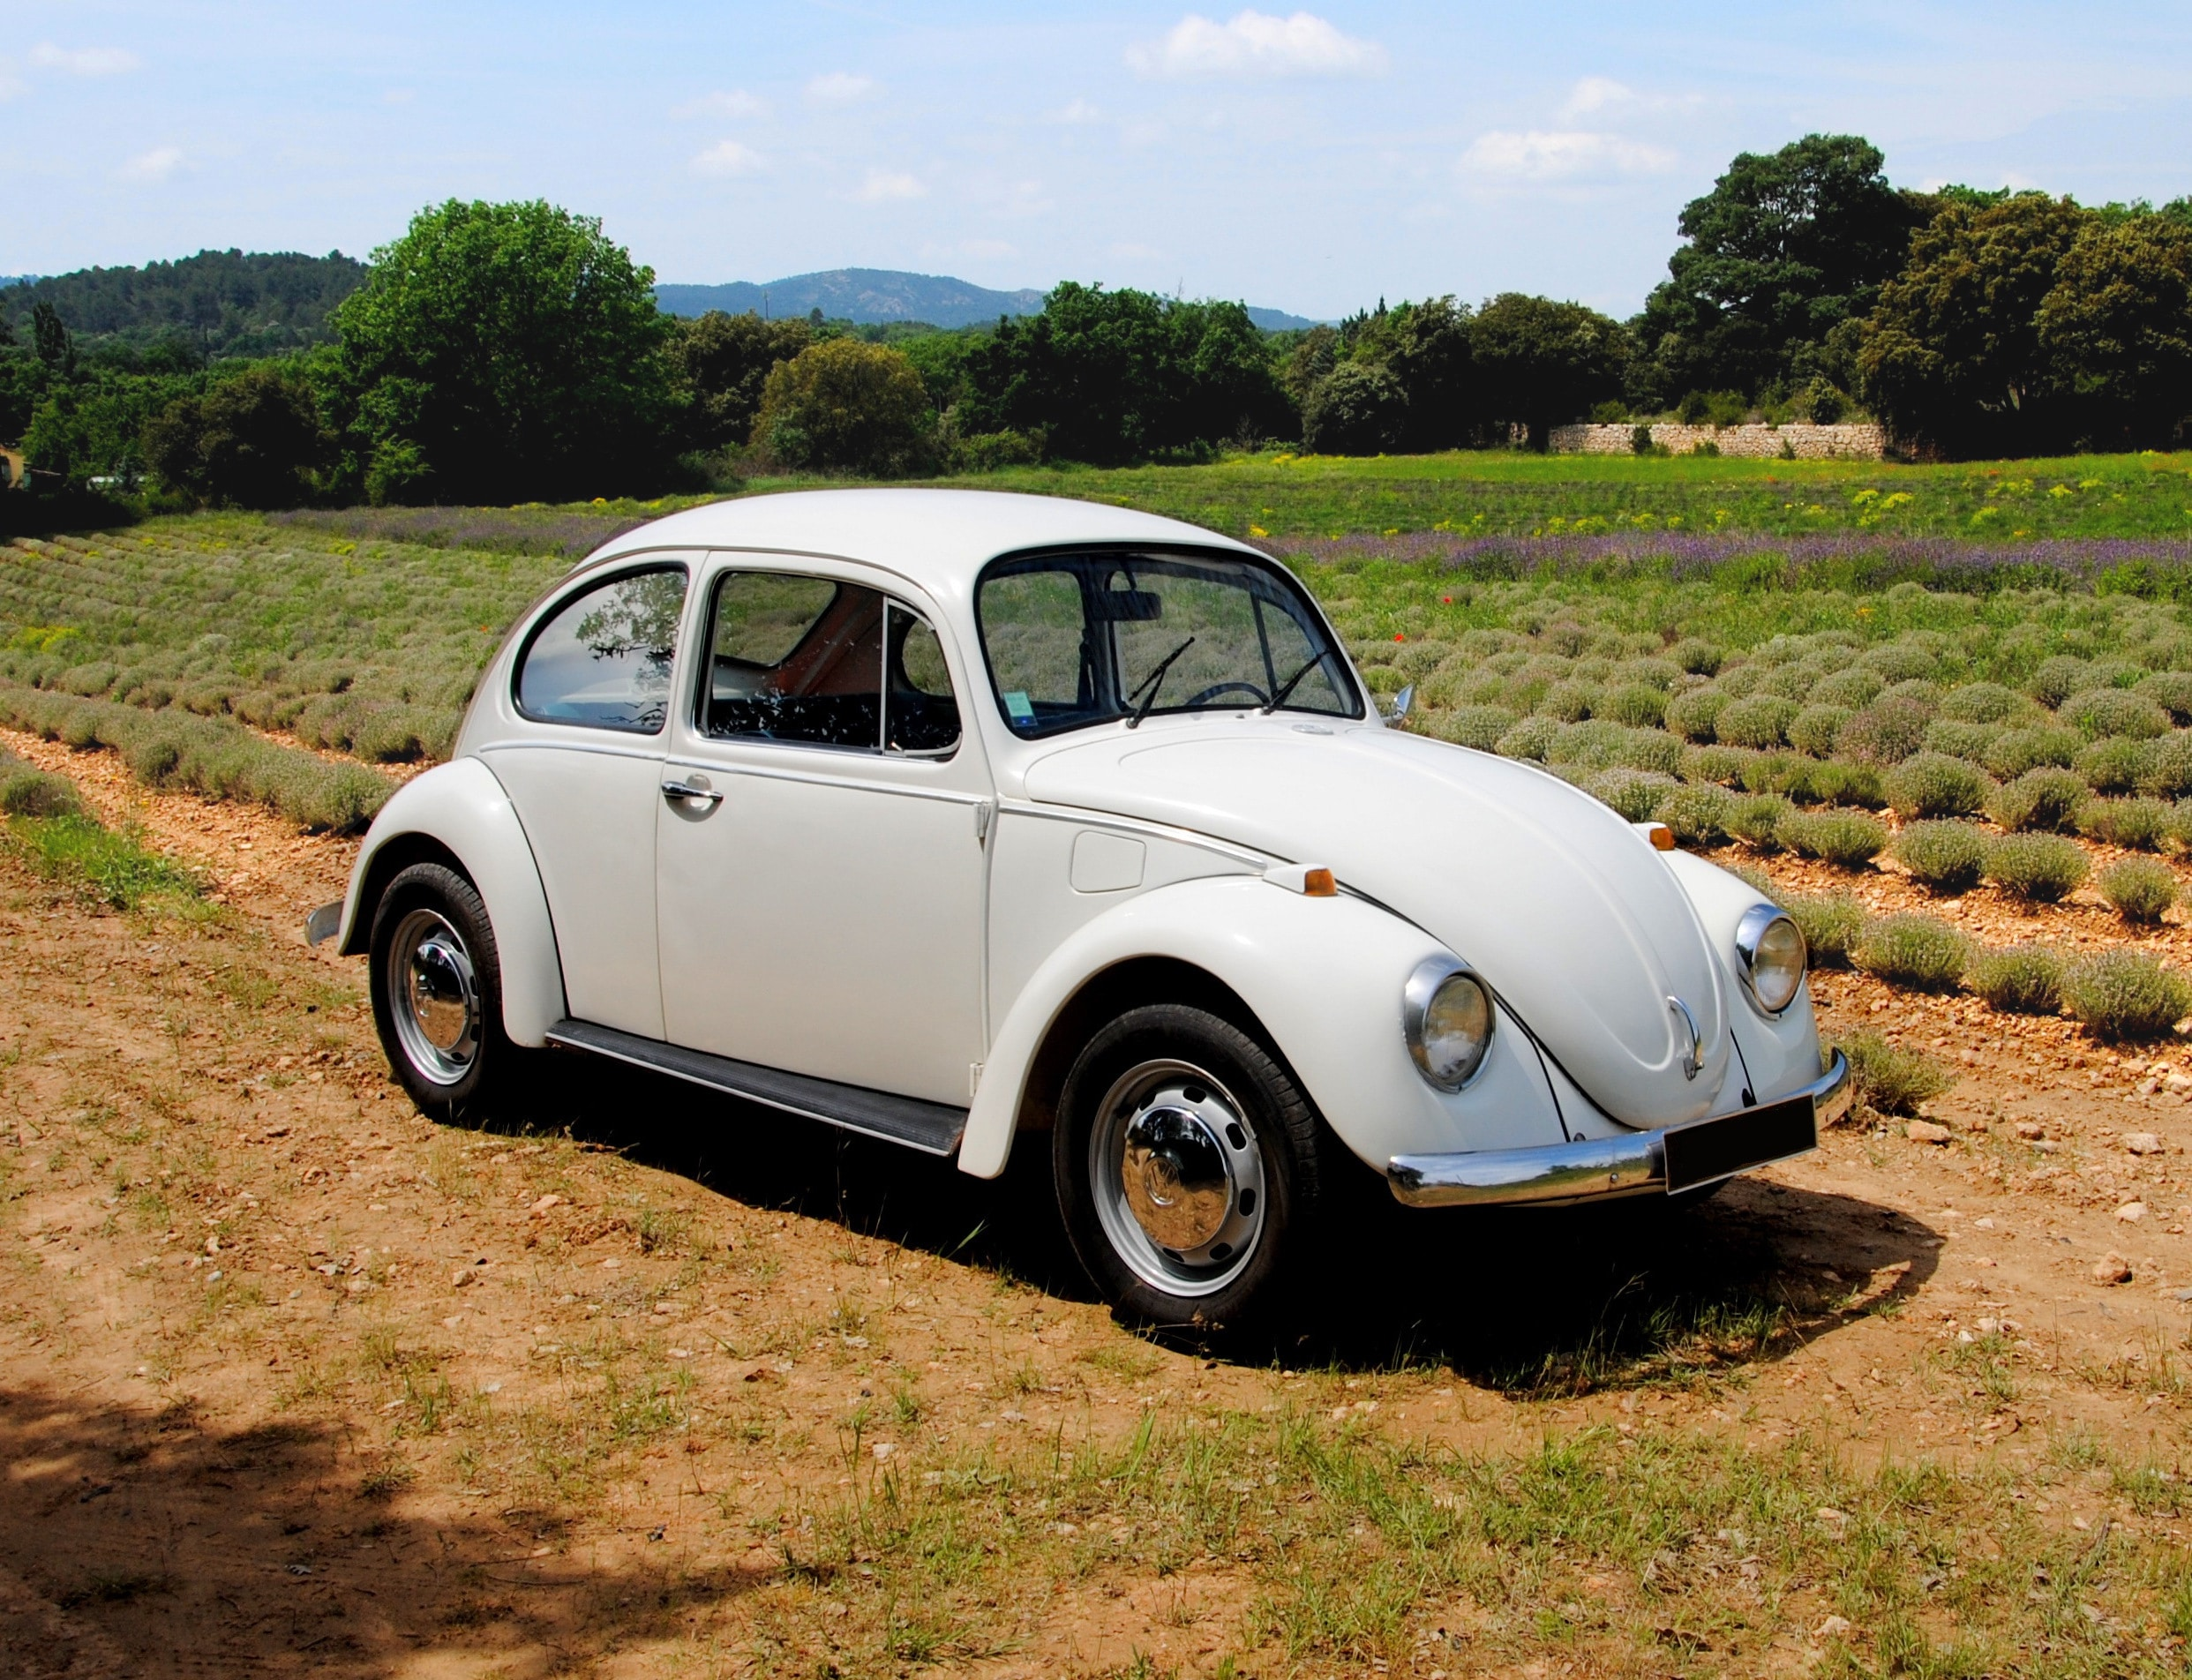 Volkswagen Coccinelle location mariage